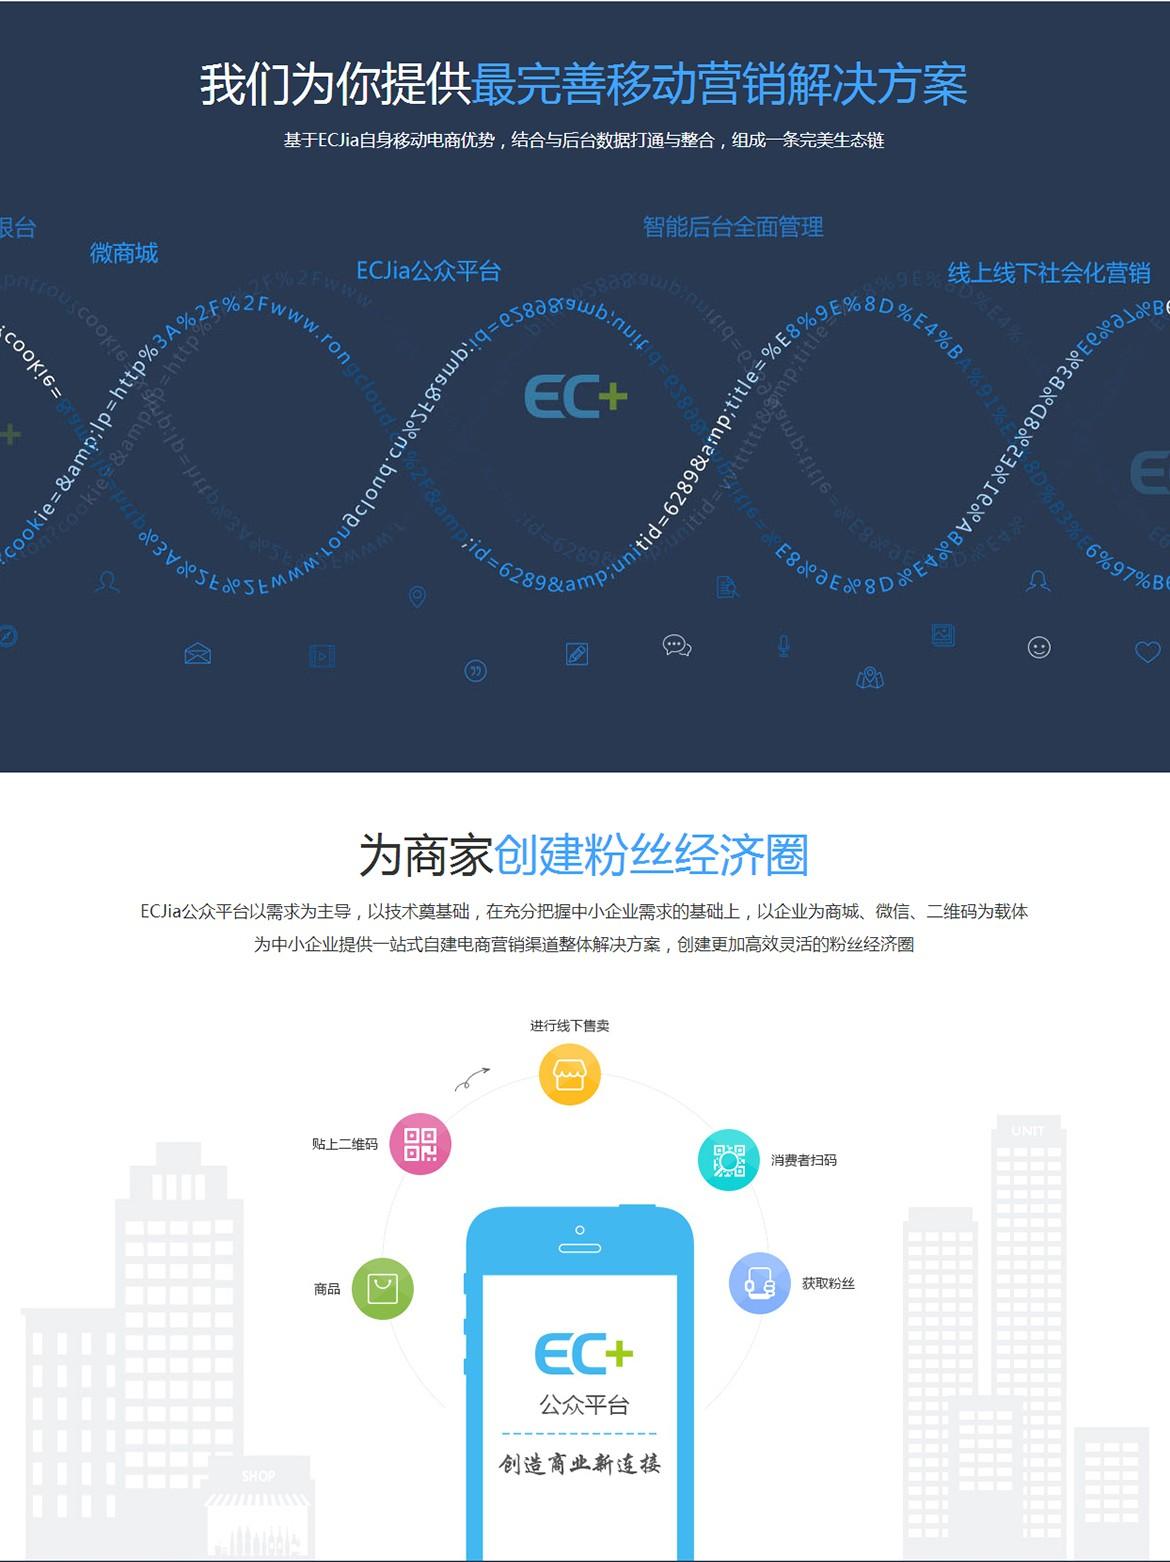 ECJia 公众平台2.jpg